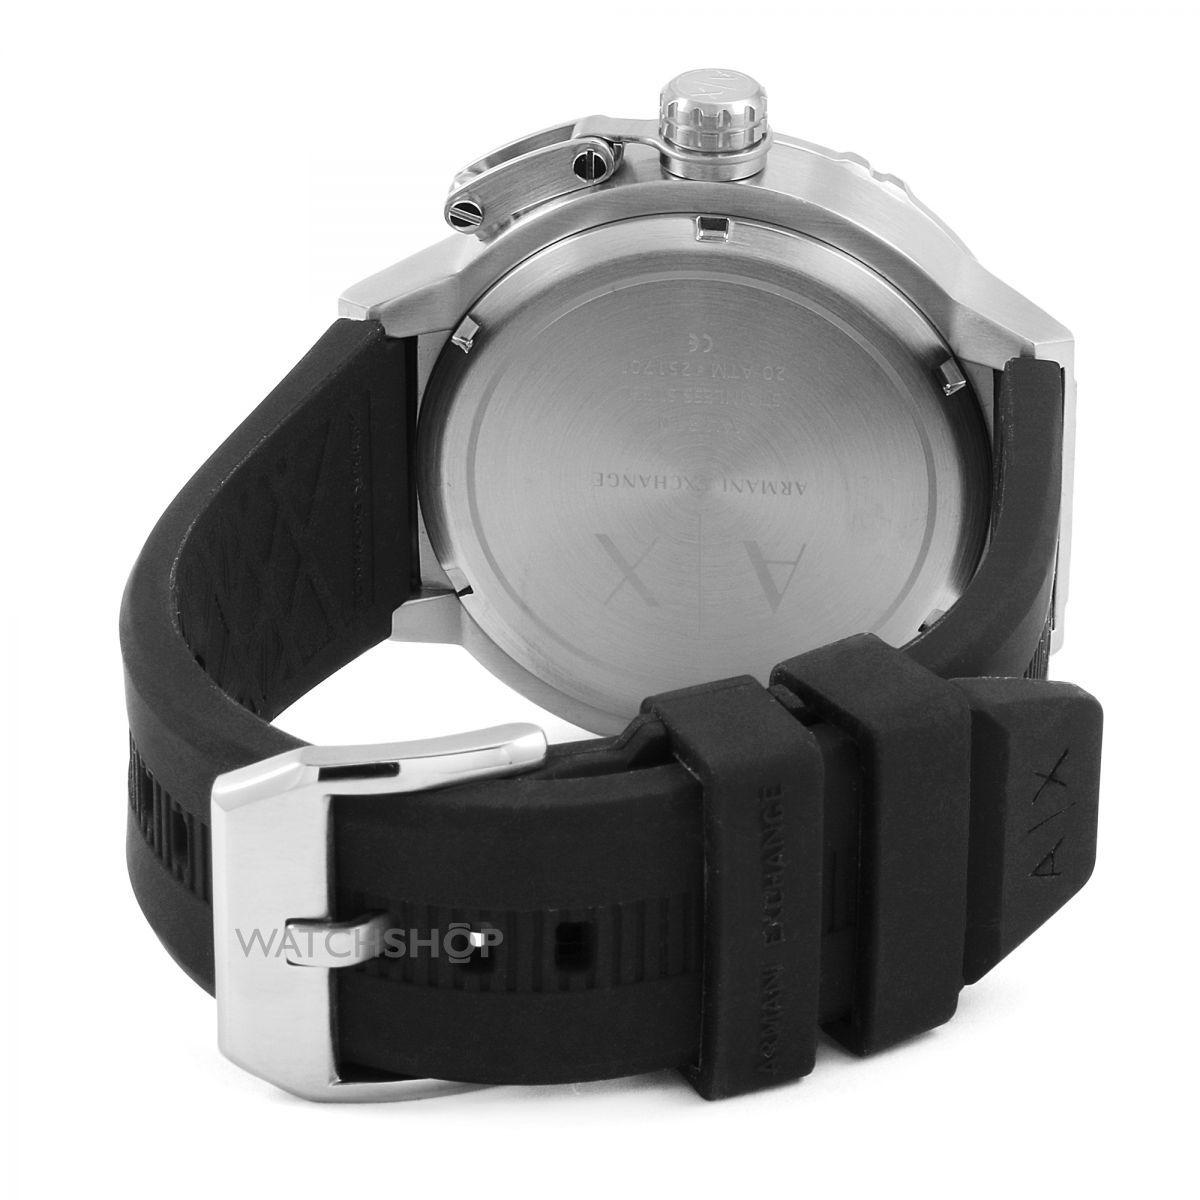 Наручные часы Armani Exchange AX1810- купить по цене 96400.0 в ... 3212cbf4055d3